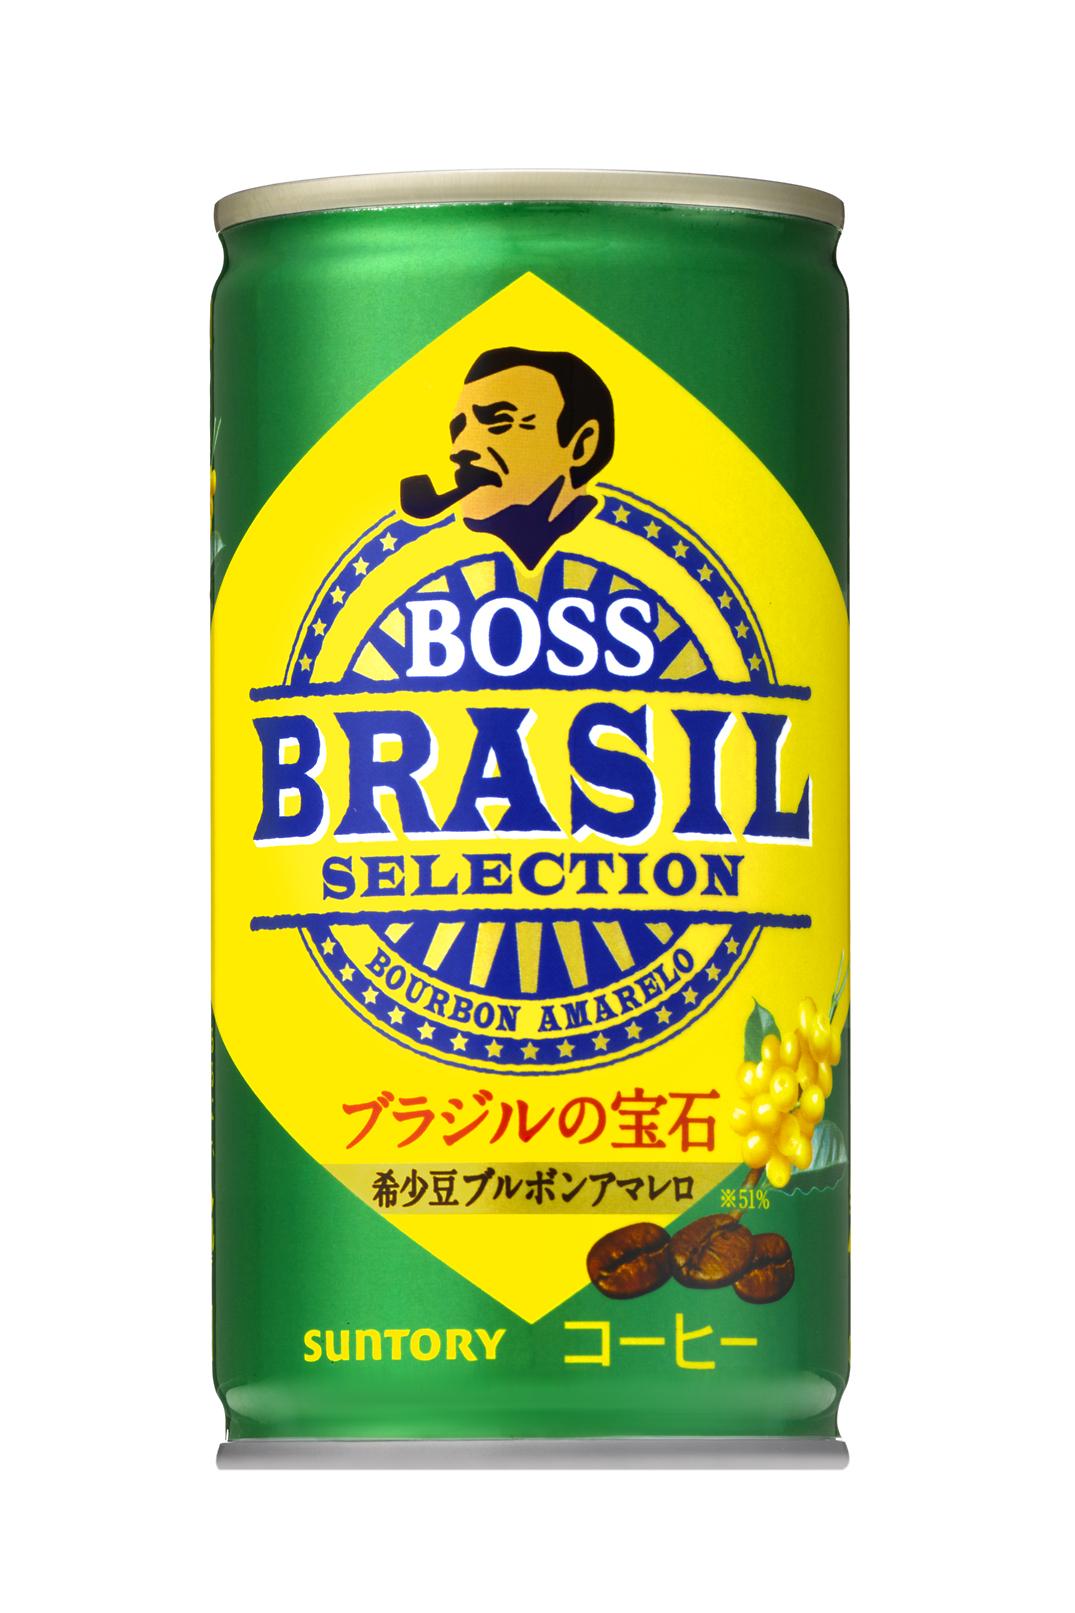 「ボス ブラジルセレクション」新発売 「ボス ブラジルセレクション」新発売   ニュースリリース